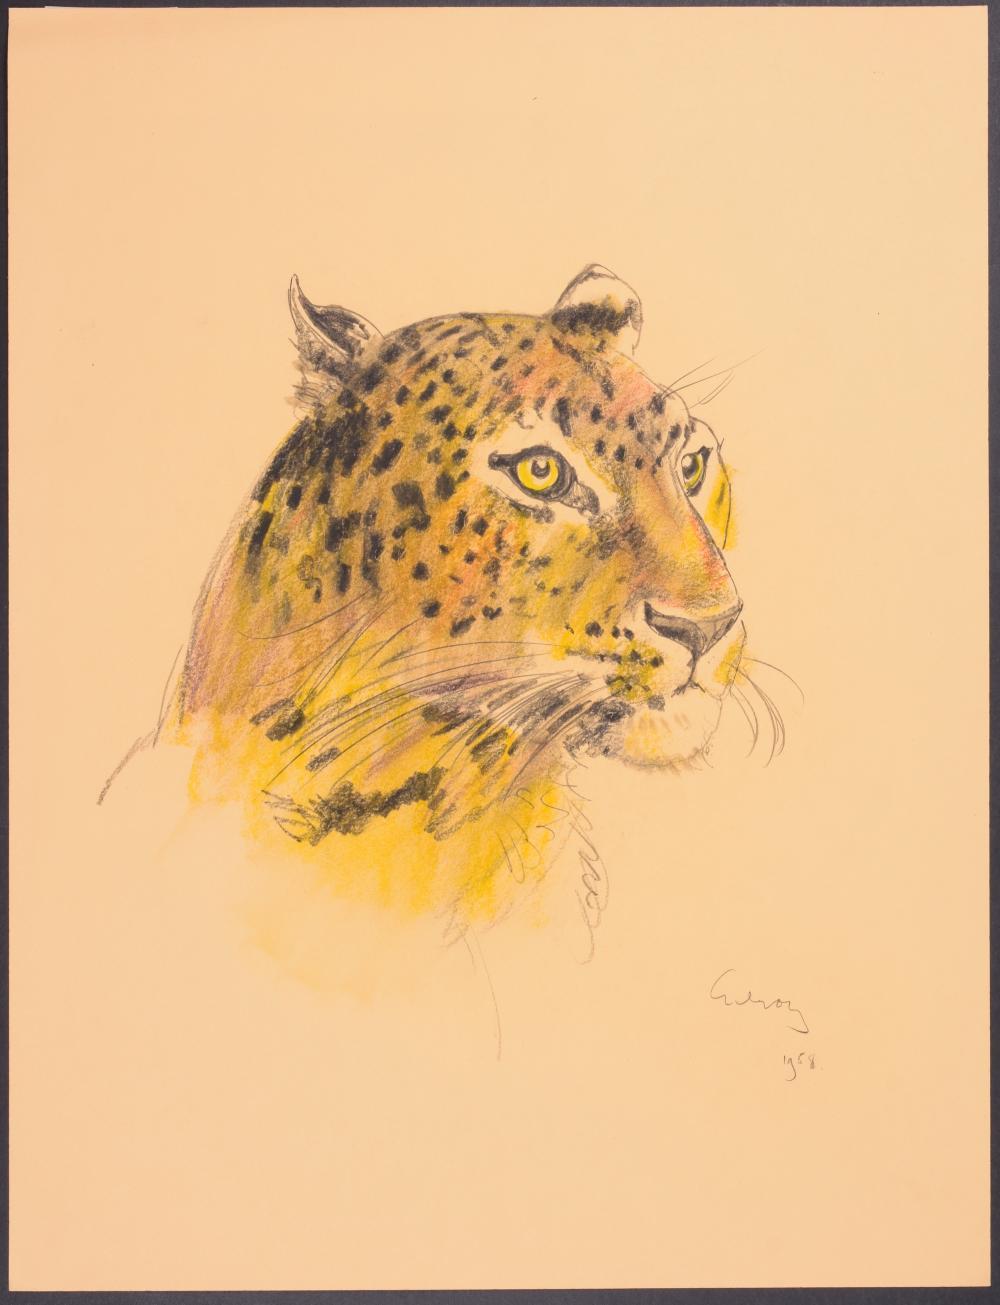 Lot 11017: Gilroy - Cheetah